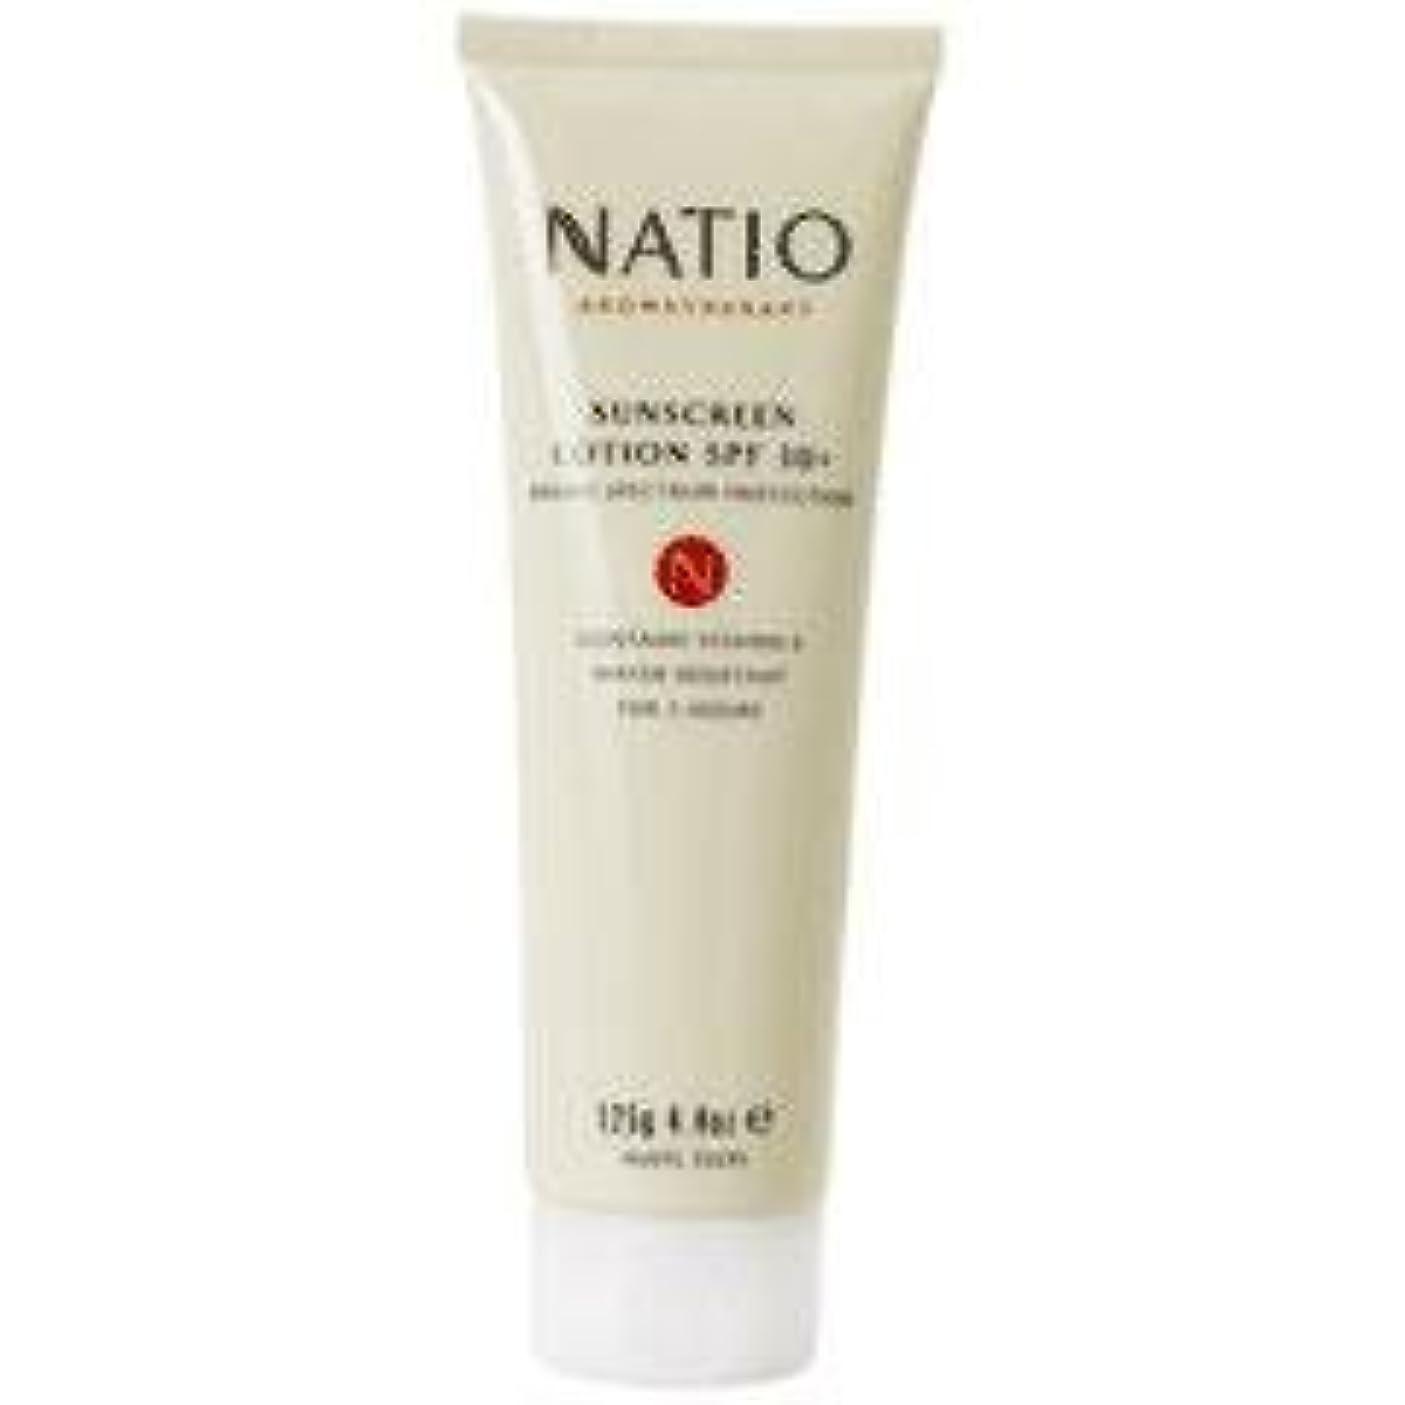 樹皮エンディングシャツ【NATIO Aromatherapy Sunscreen Lotion SPF30+】 ナティオ  日焼け止めクリーム SPF30+ [海外直送品]